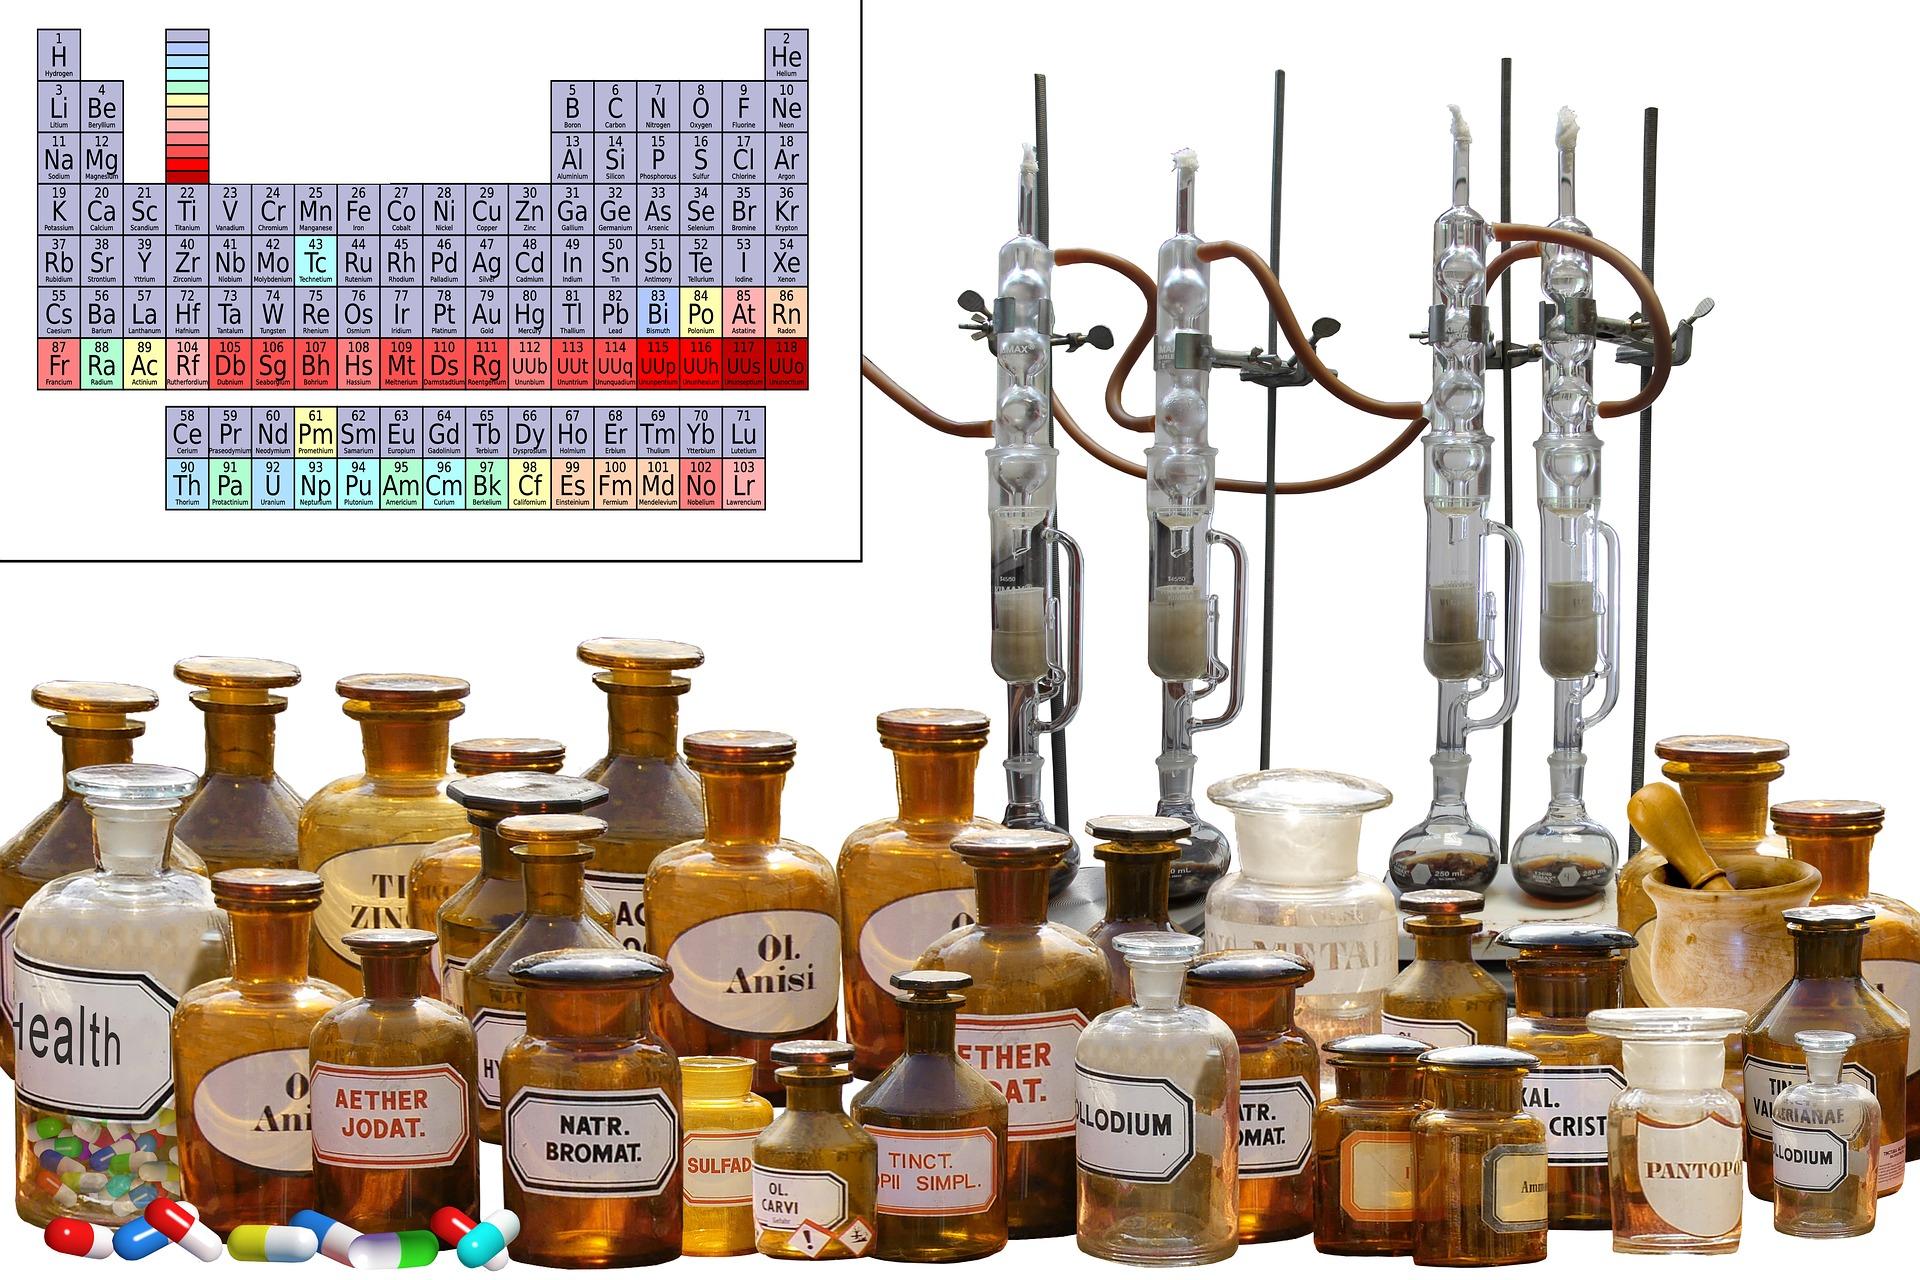 ingredients-chimiques-a-eviter-dans-les-produits-cosmetiques